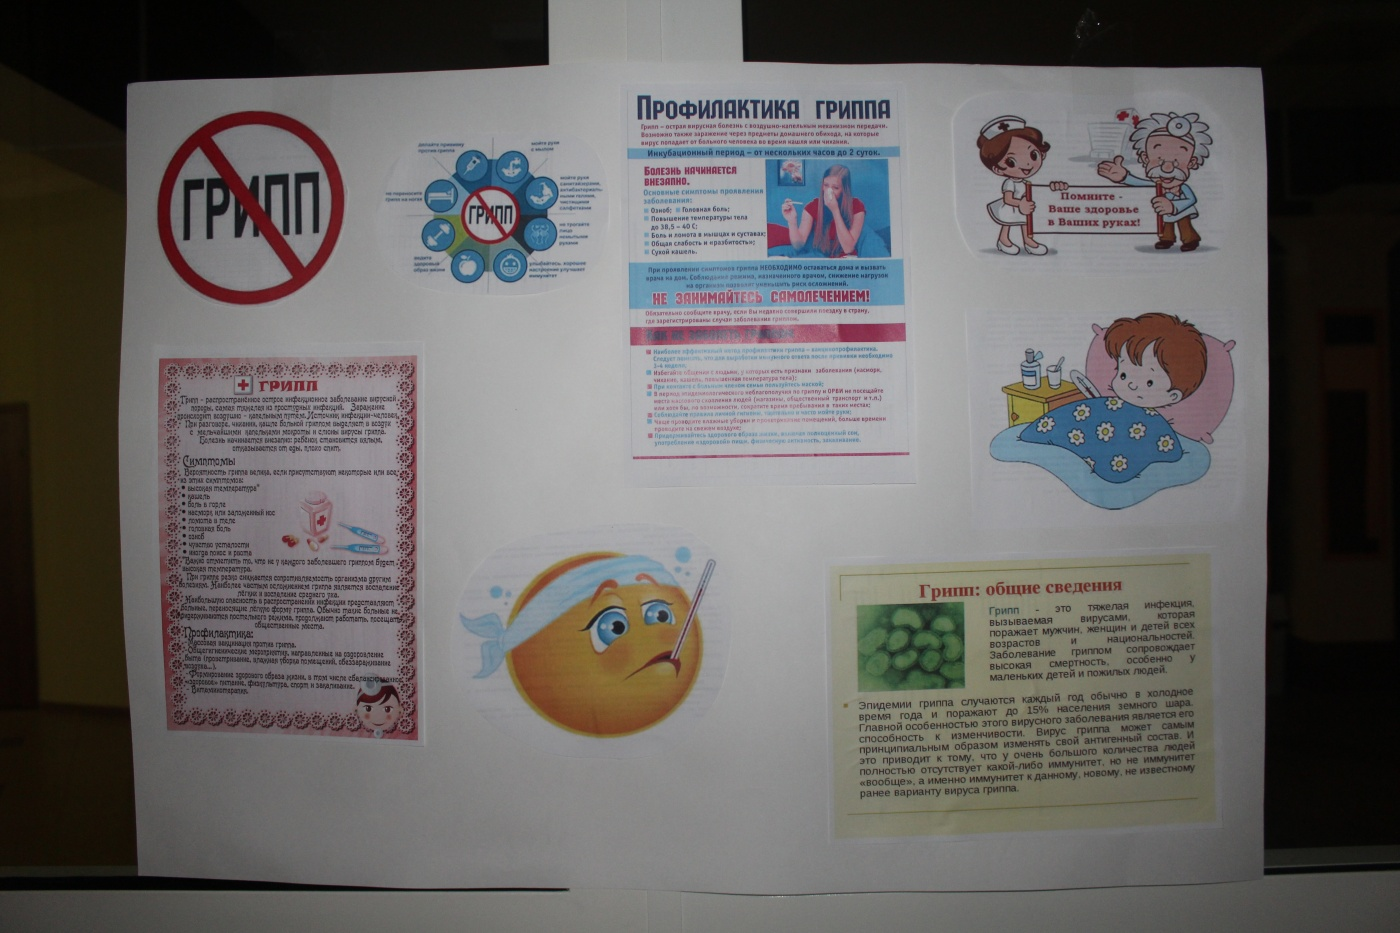 Отзывы о Кагоцеле для профилактики гриппа